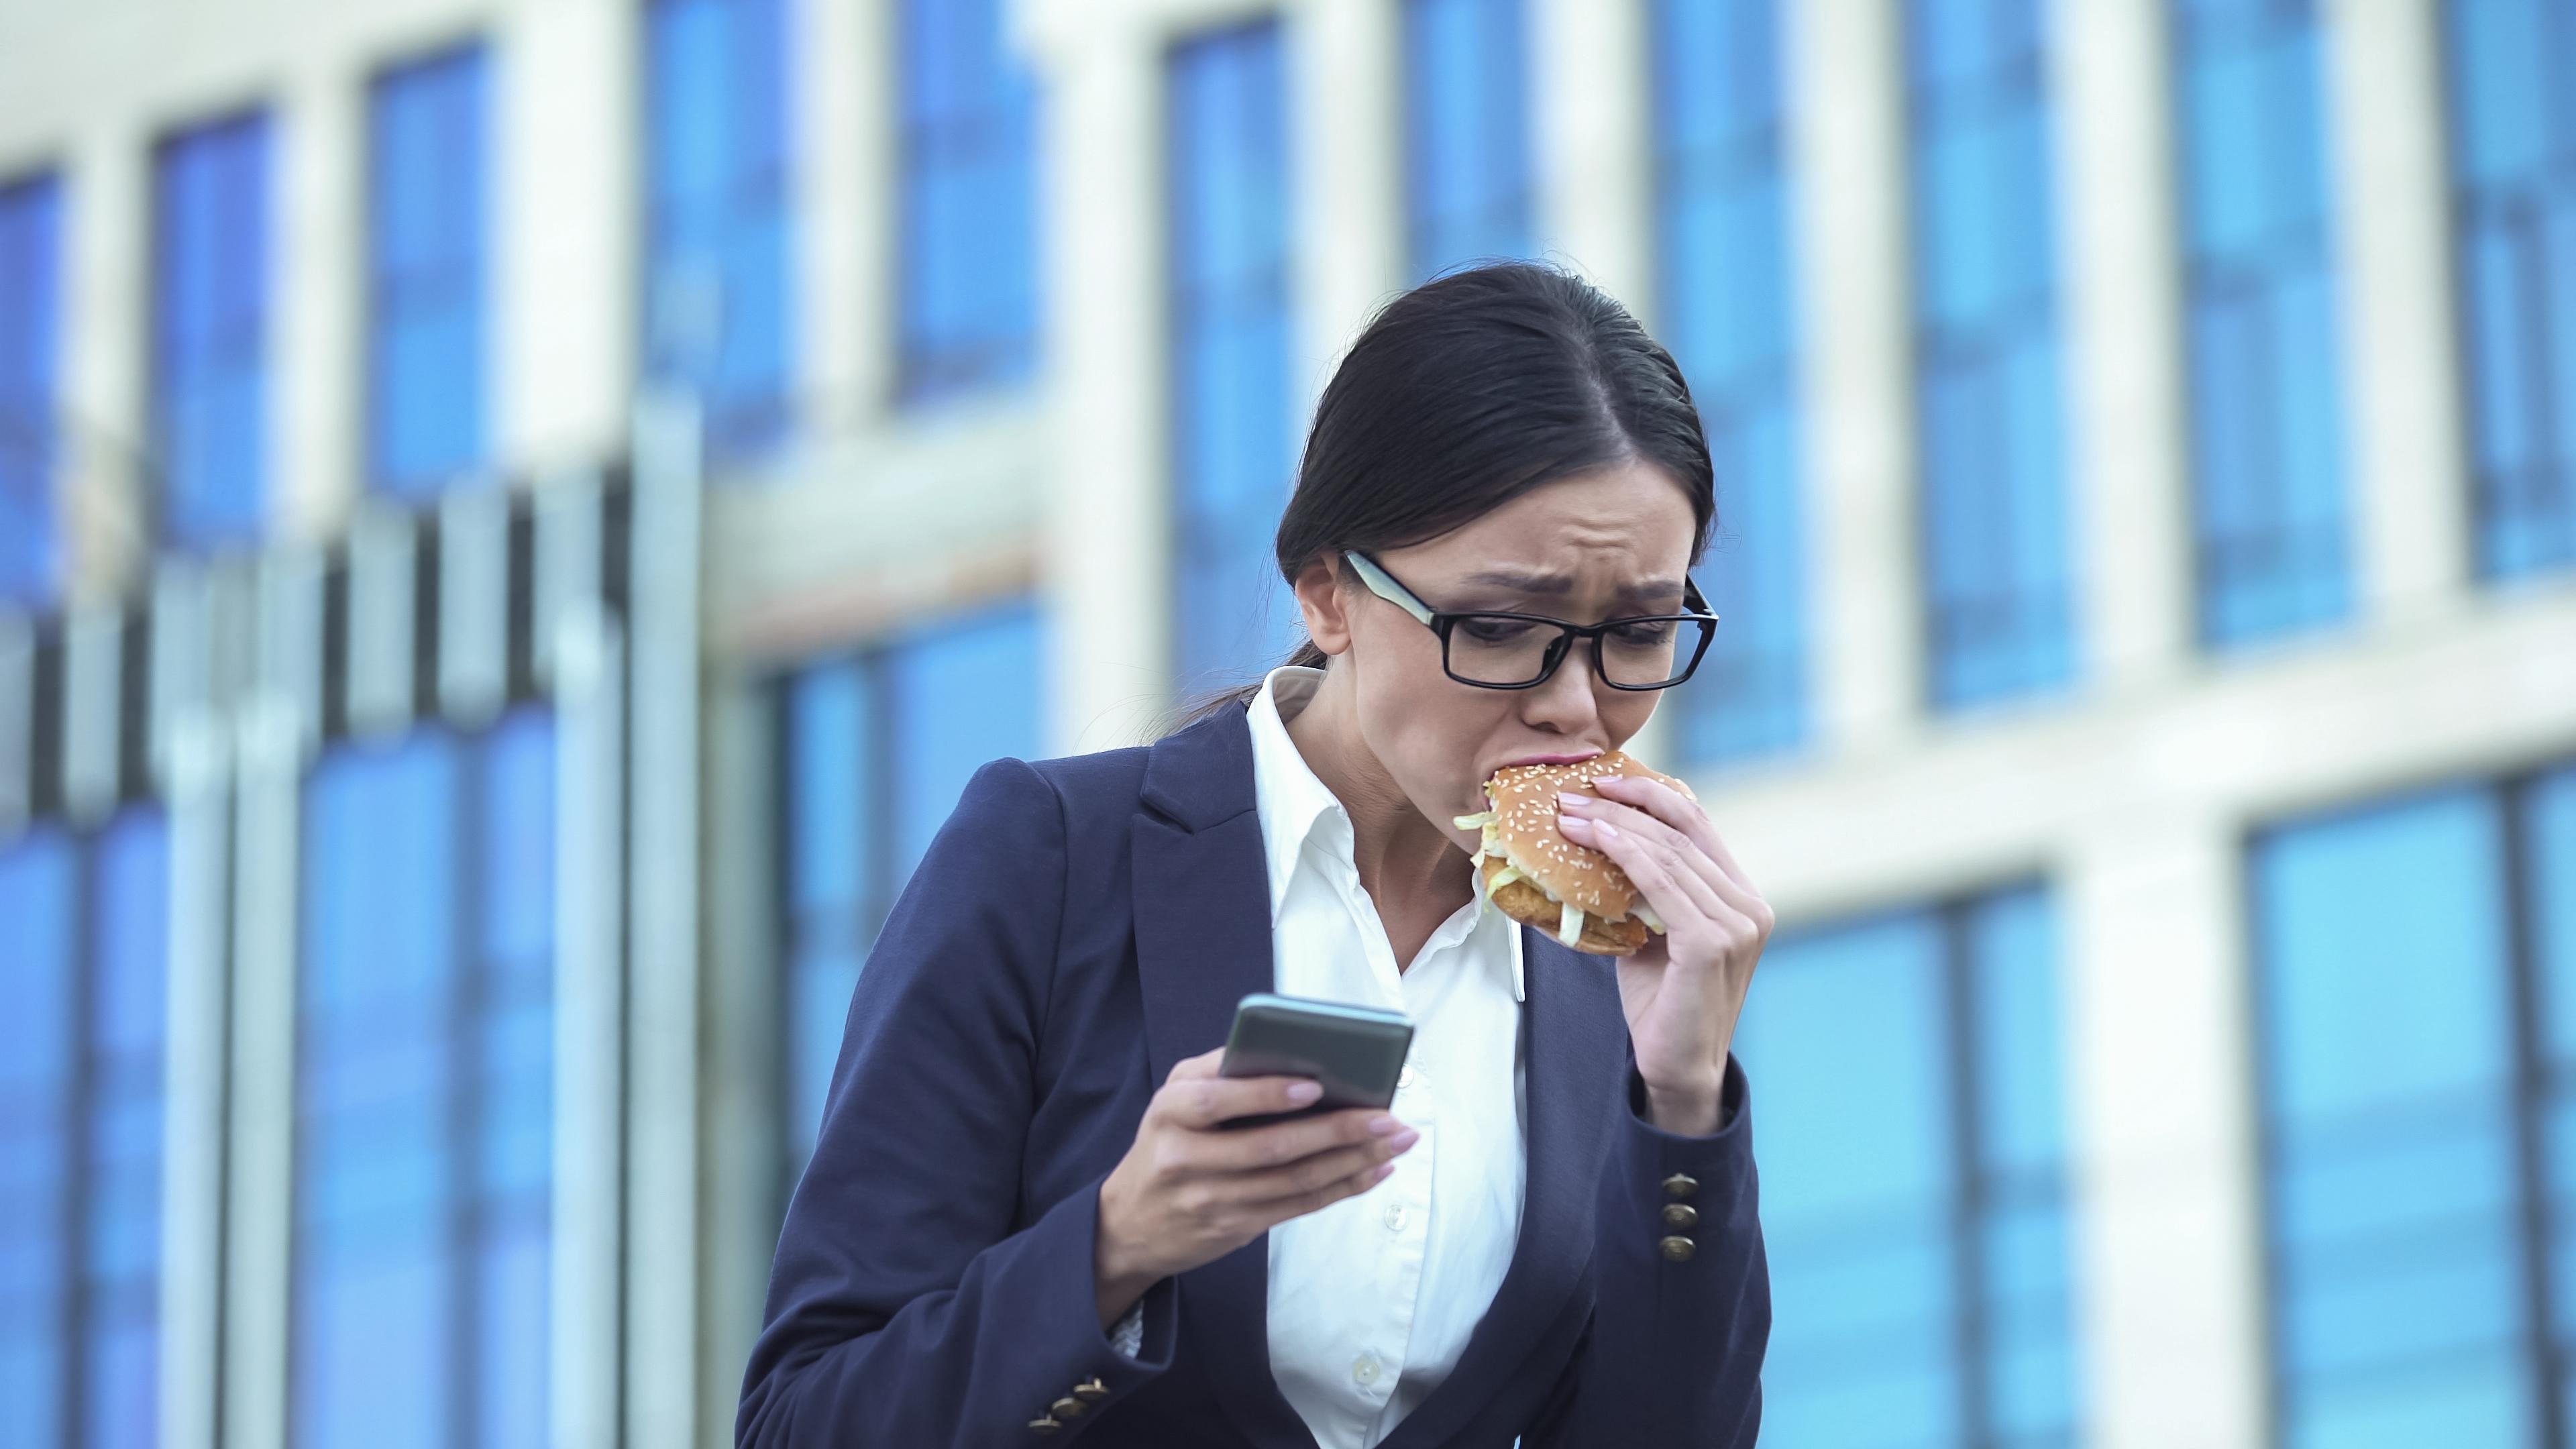 <p>7. Храните се твърде бързо Хората, които се хранят бързо имат по-голям апетит и тенденция към преяждане по време на хранене, в сравнение с тези които ядат бавно. Те също са по-склонни да бъдат с наднормено тегло. Тези ефекти отчасти се дължат на липсата на дъвчене и намаленото съзнание, което се получава, когато се храните прекалено бързо, и двете са необходими за облекчаване на чувството за глад. Освен това бавното ядене и грижливото дъвчене дават на тялото и мозъка ви повече време, за да освободят хормони срещу глада и да предадат сигнали за пълнота и ситост.</p>